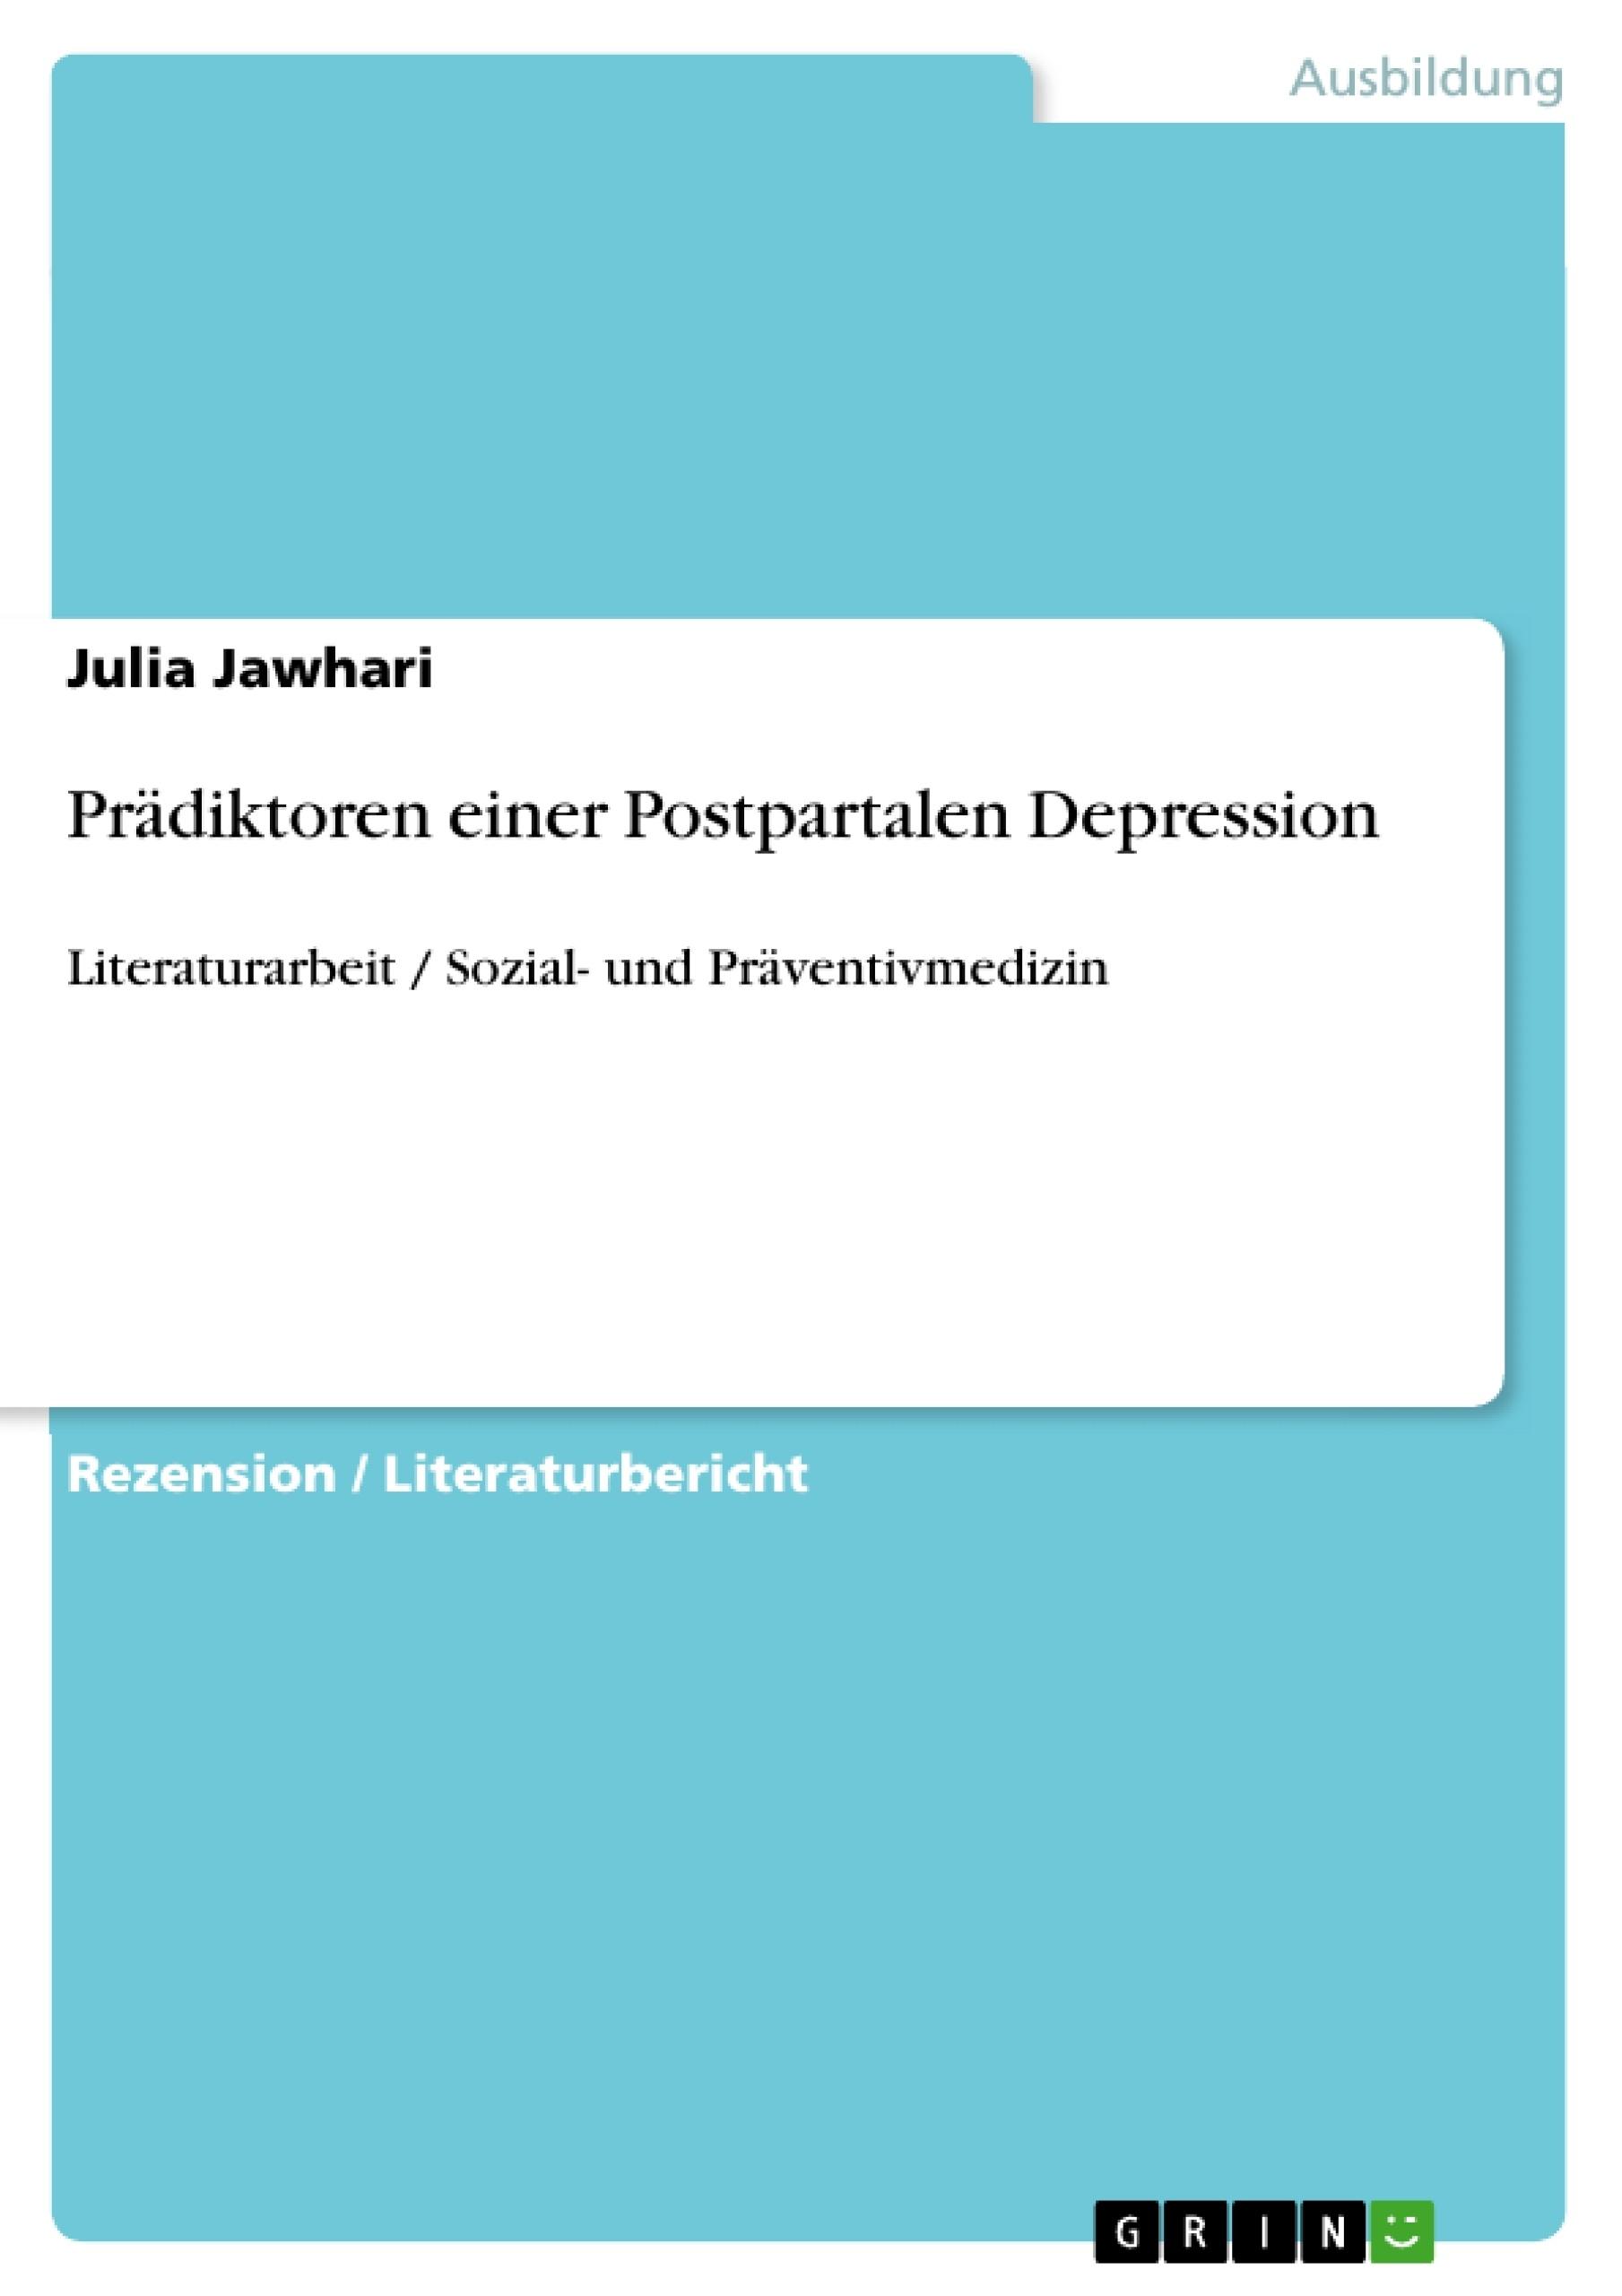 Titel: Prädiktoren einer Postpartalen Depression